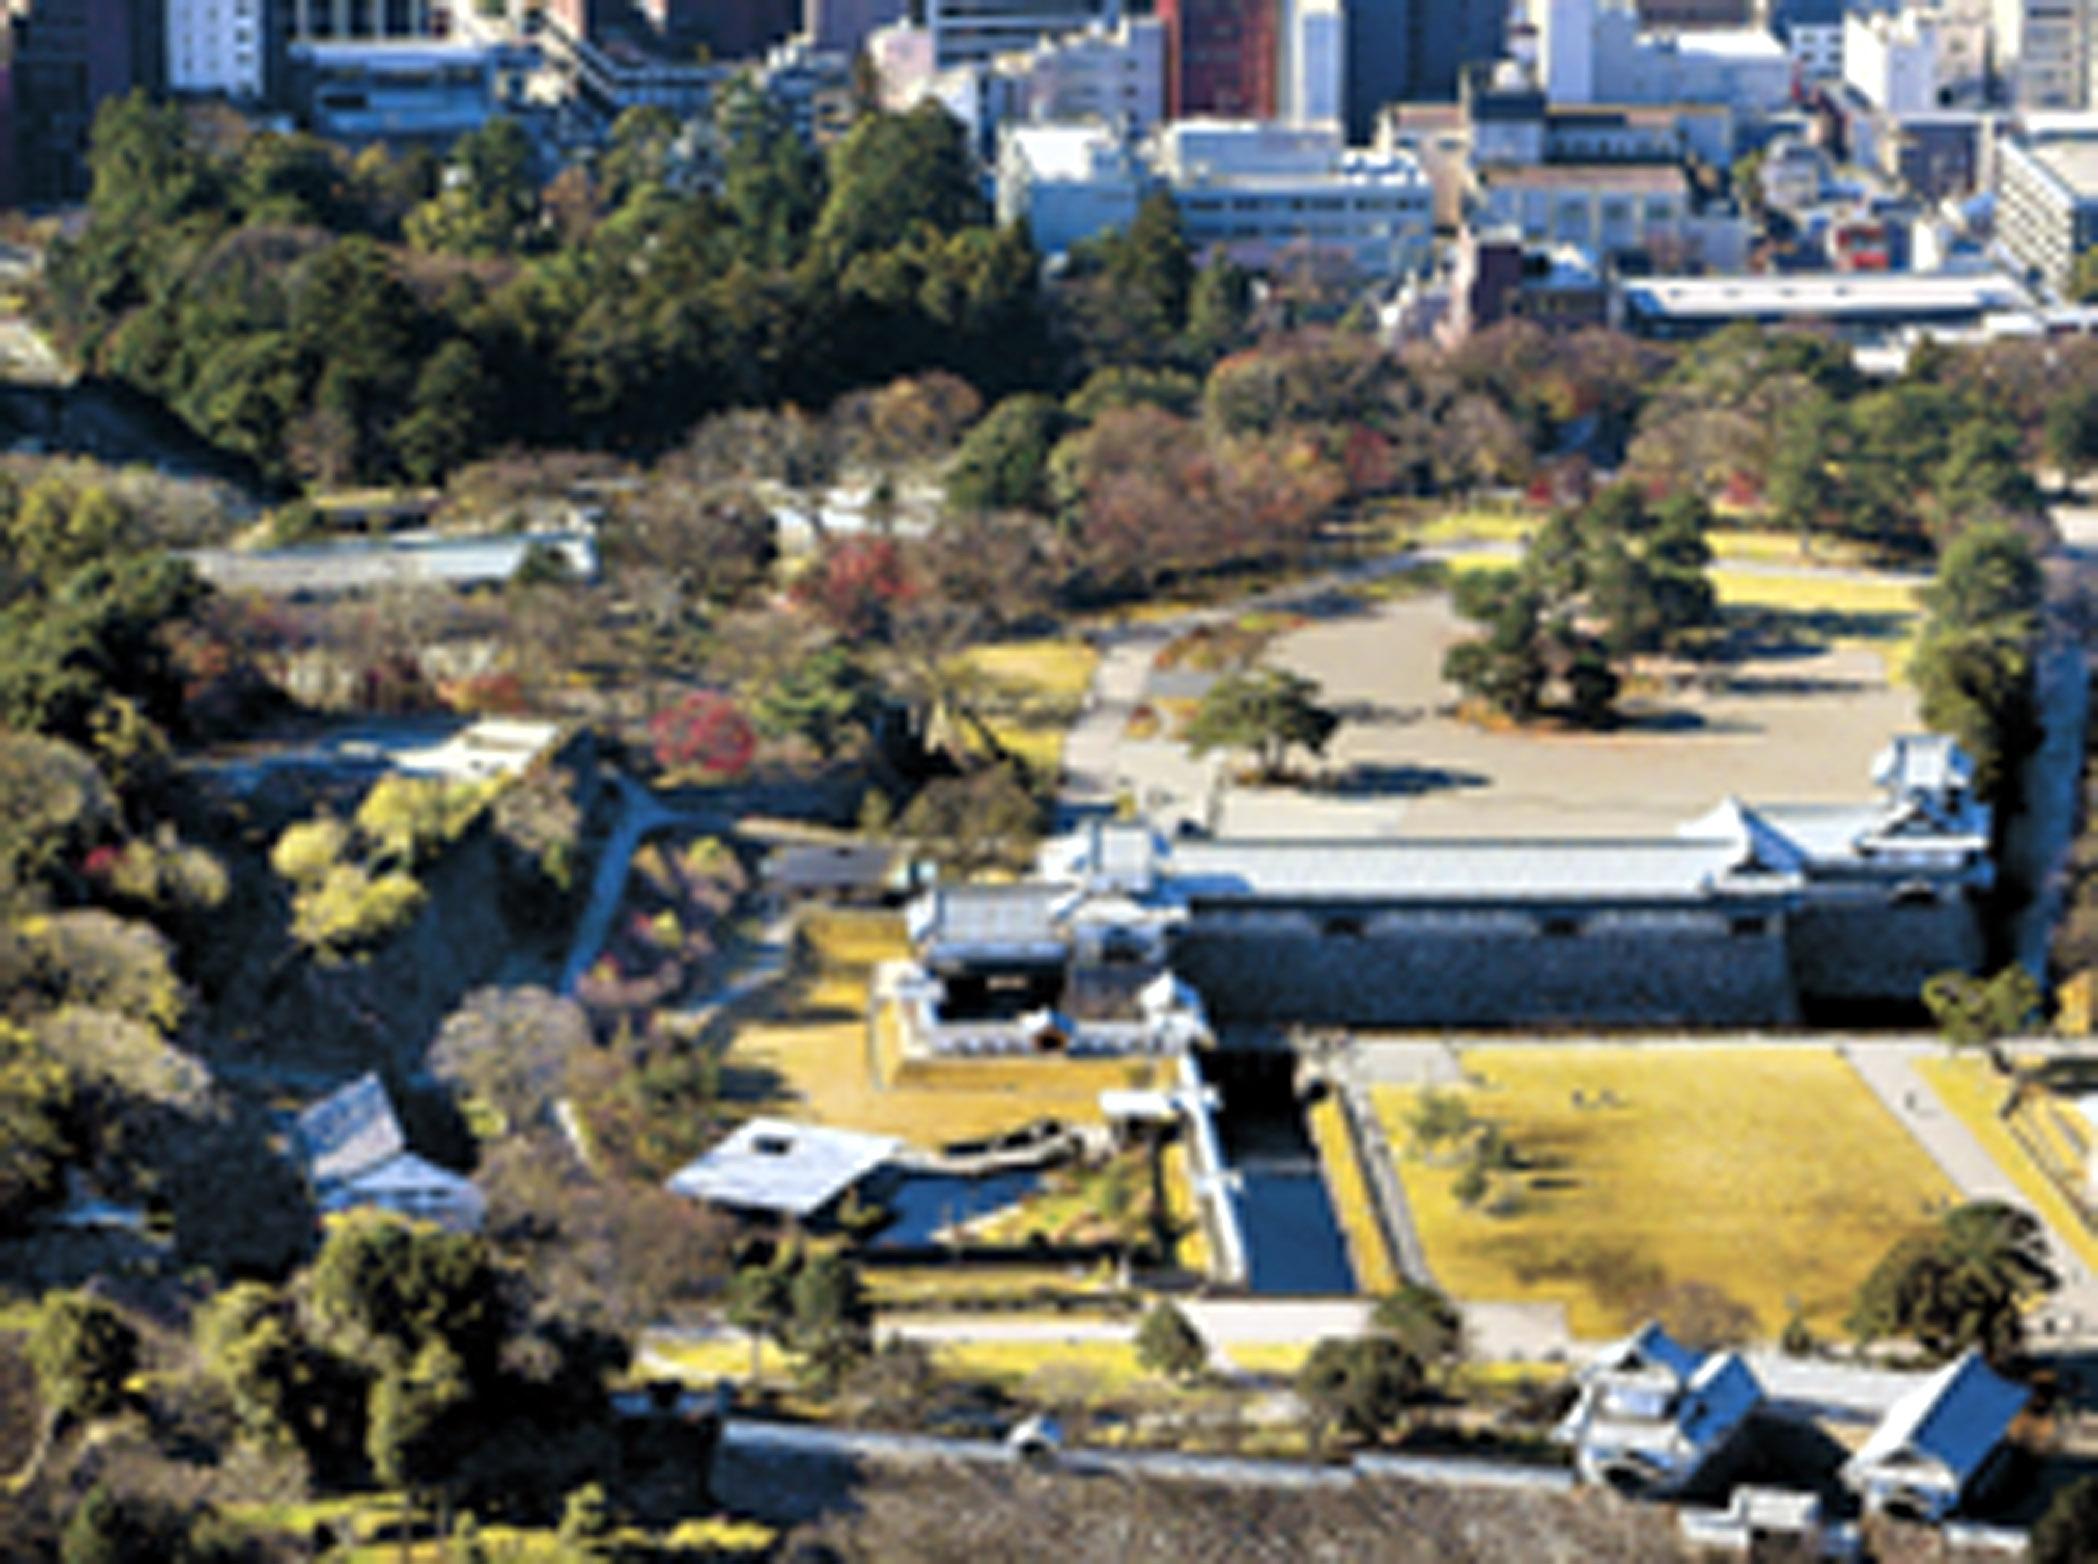 鶴の丸休憩所が再整備される金沢城公園=12月、北國新聞社ヘリ「あすなろ」から